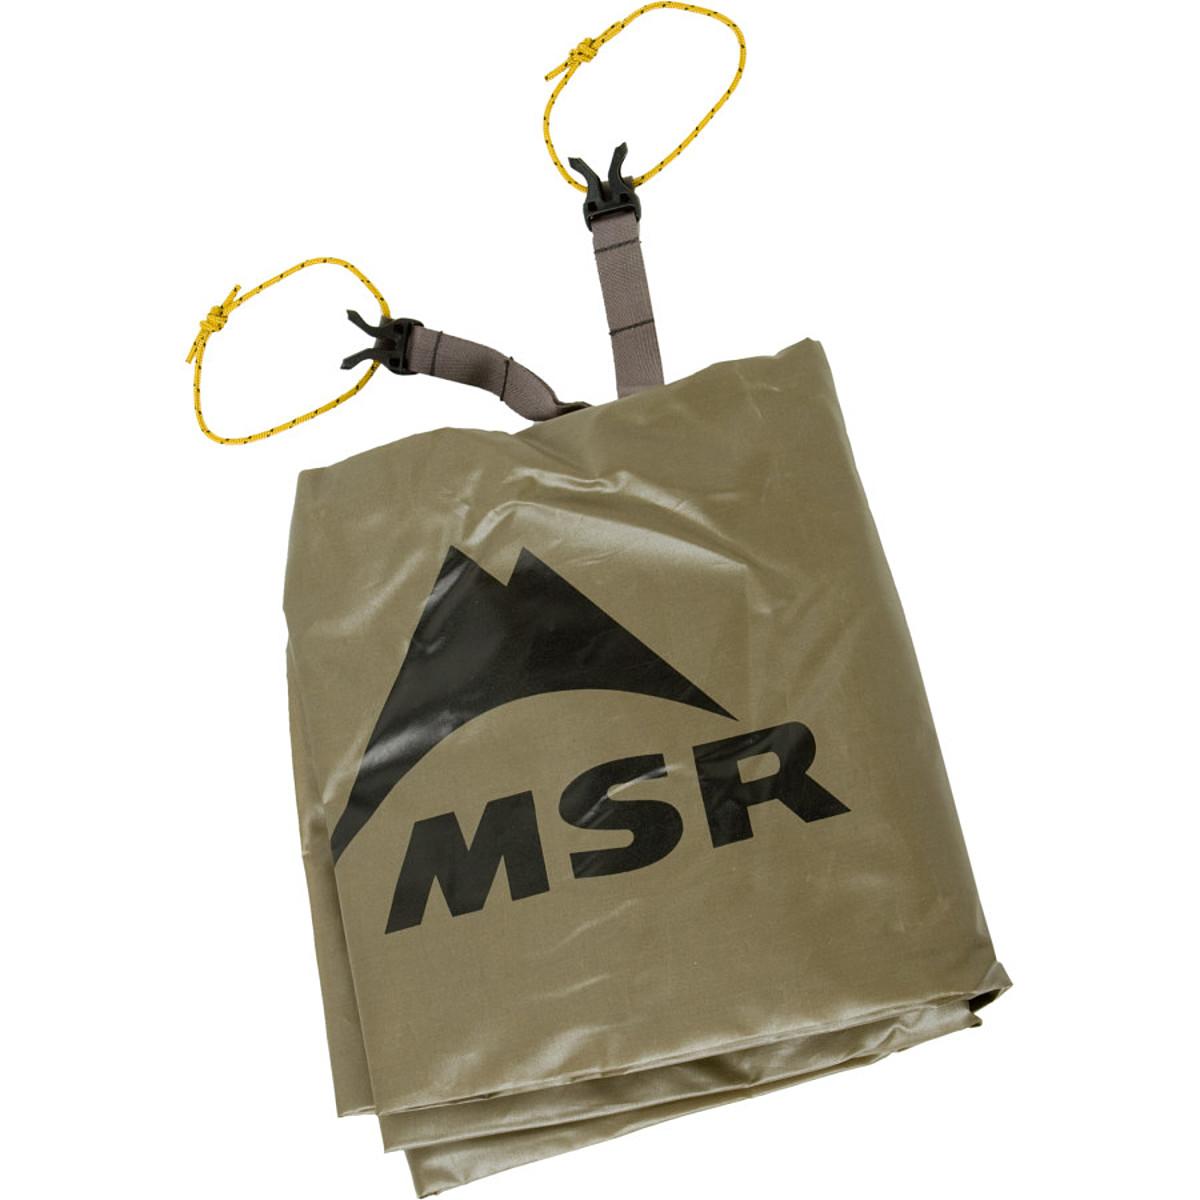 MSR Carbon Reflex 2 Footprint